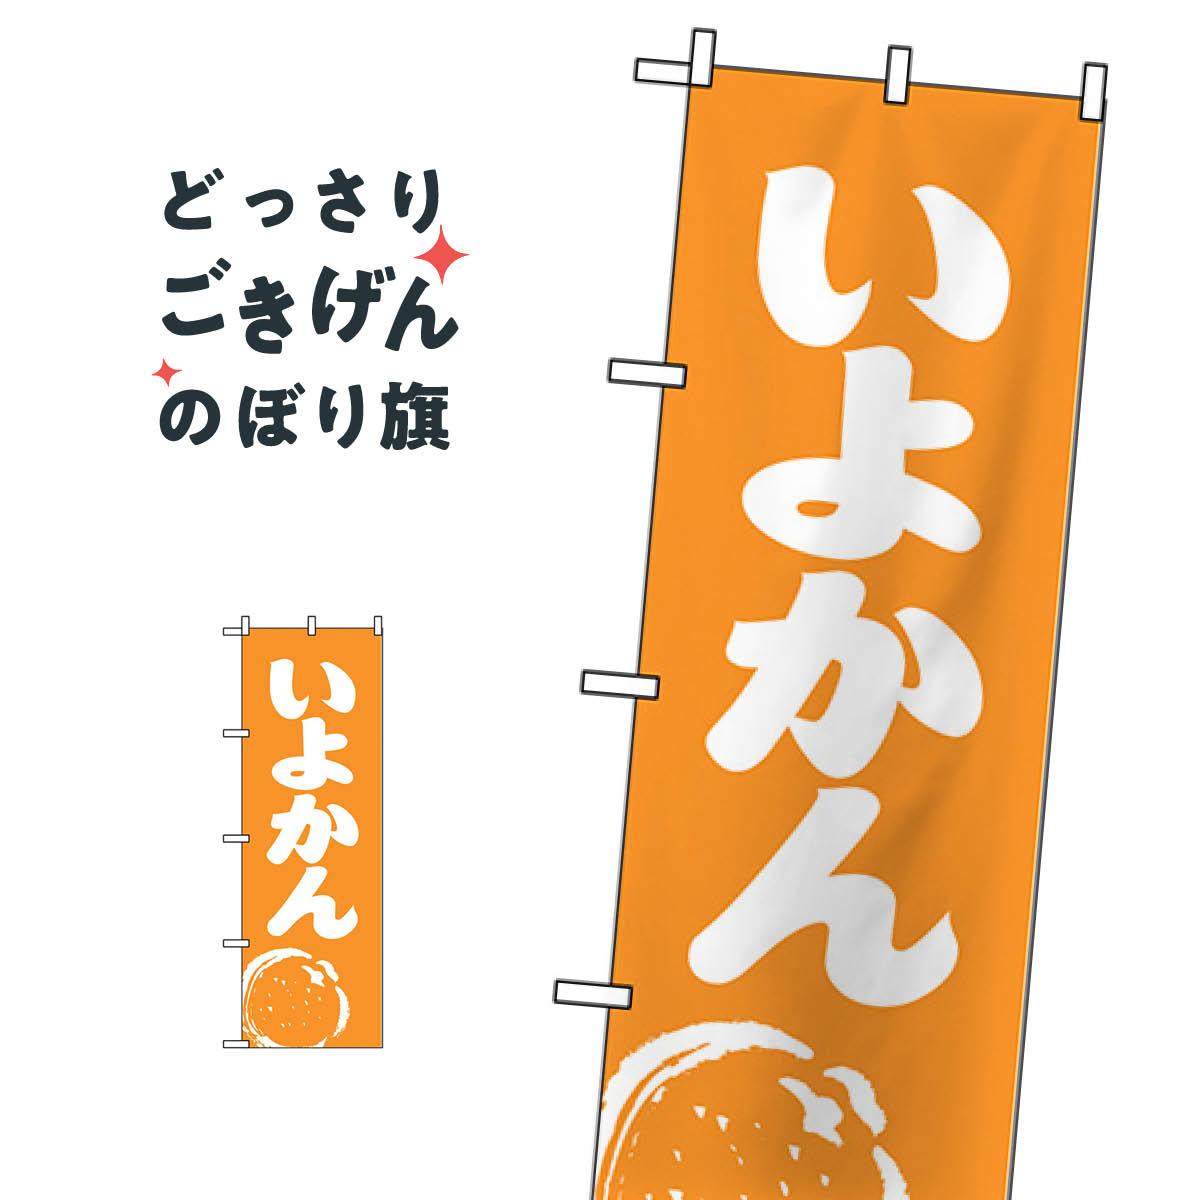 いよかん のぼり旗 2239 みかん・柑橘類